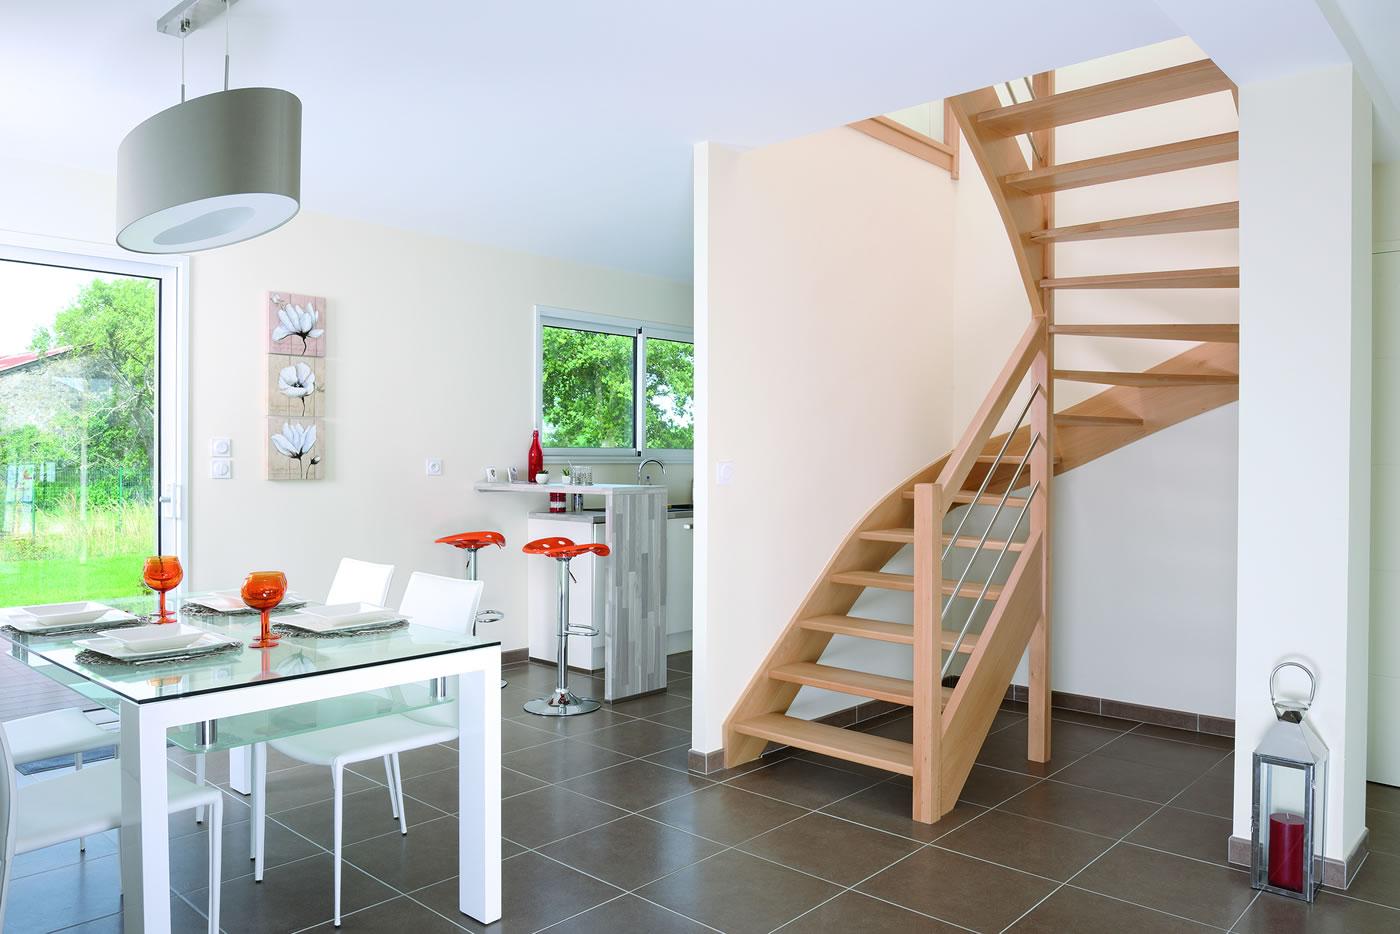 Escalier Bois Double Quart Tournant | Sedgu.com